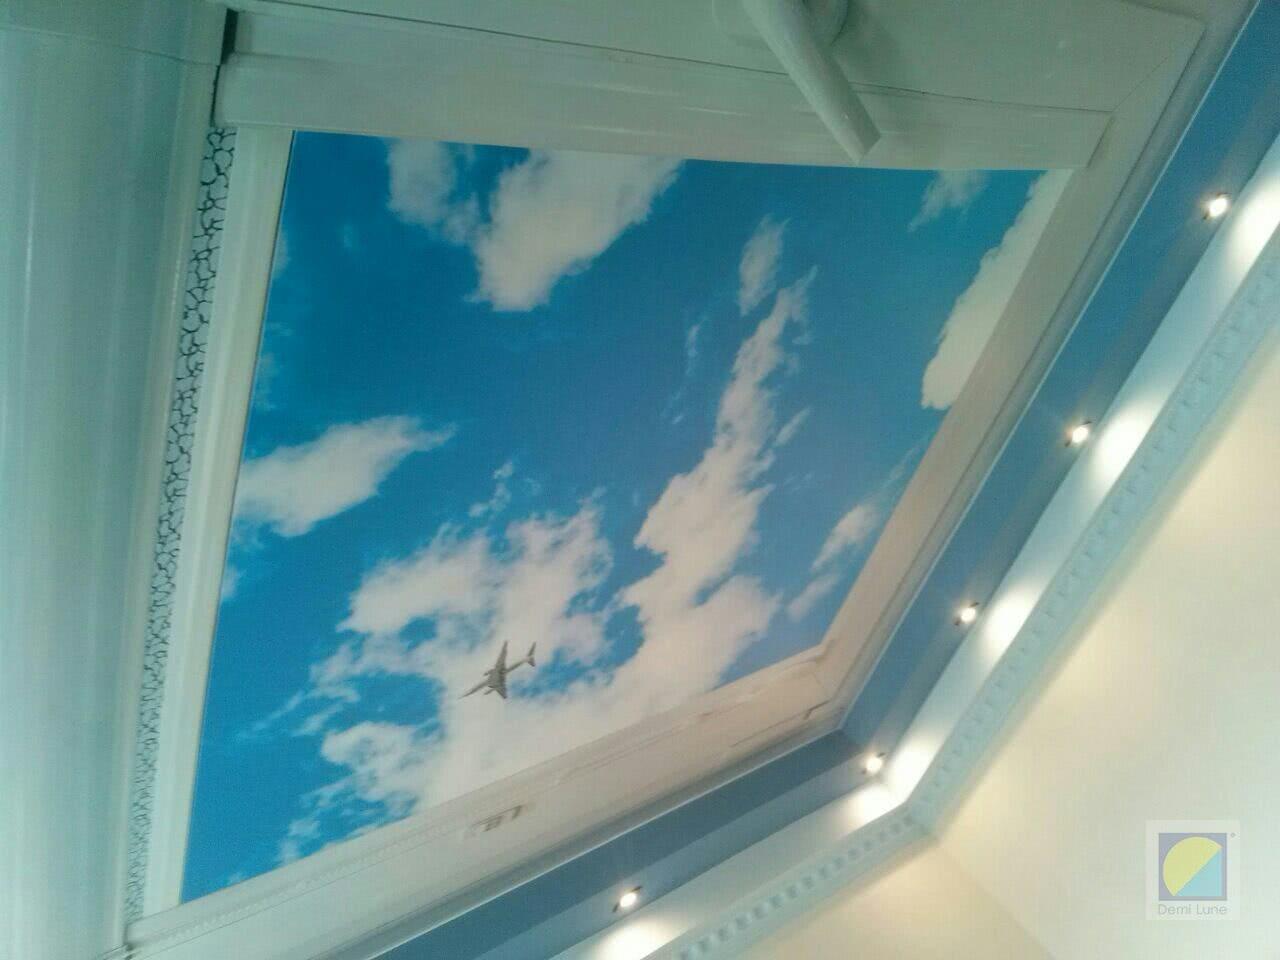 фото натяжной потолок облака с плинтусом должно быть